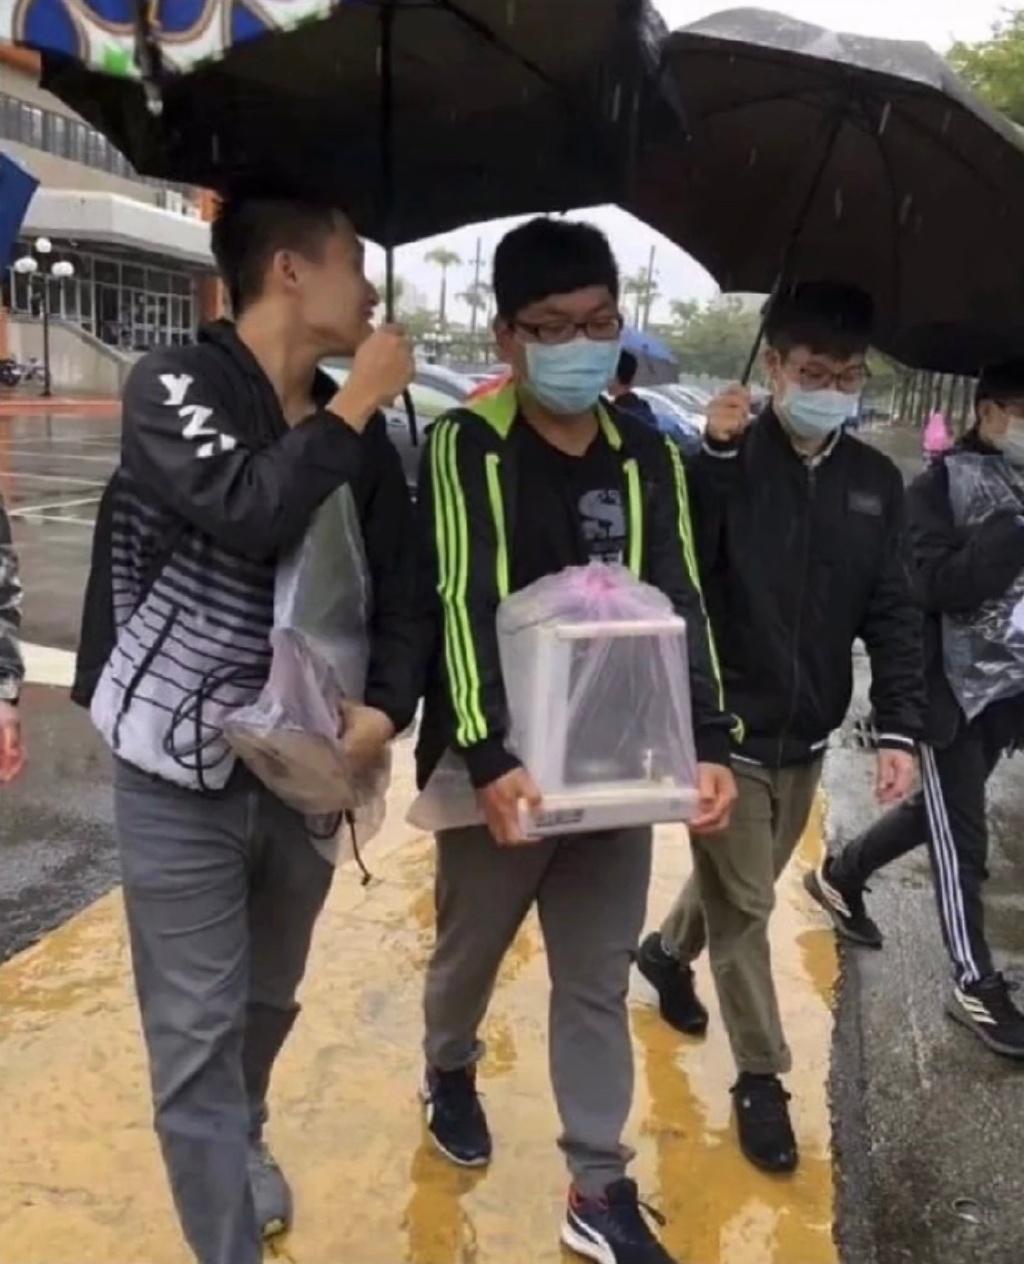 人类在下雨天的迷惑行为,你看懂了吗? liuliushe.net六六社 第2张